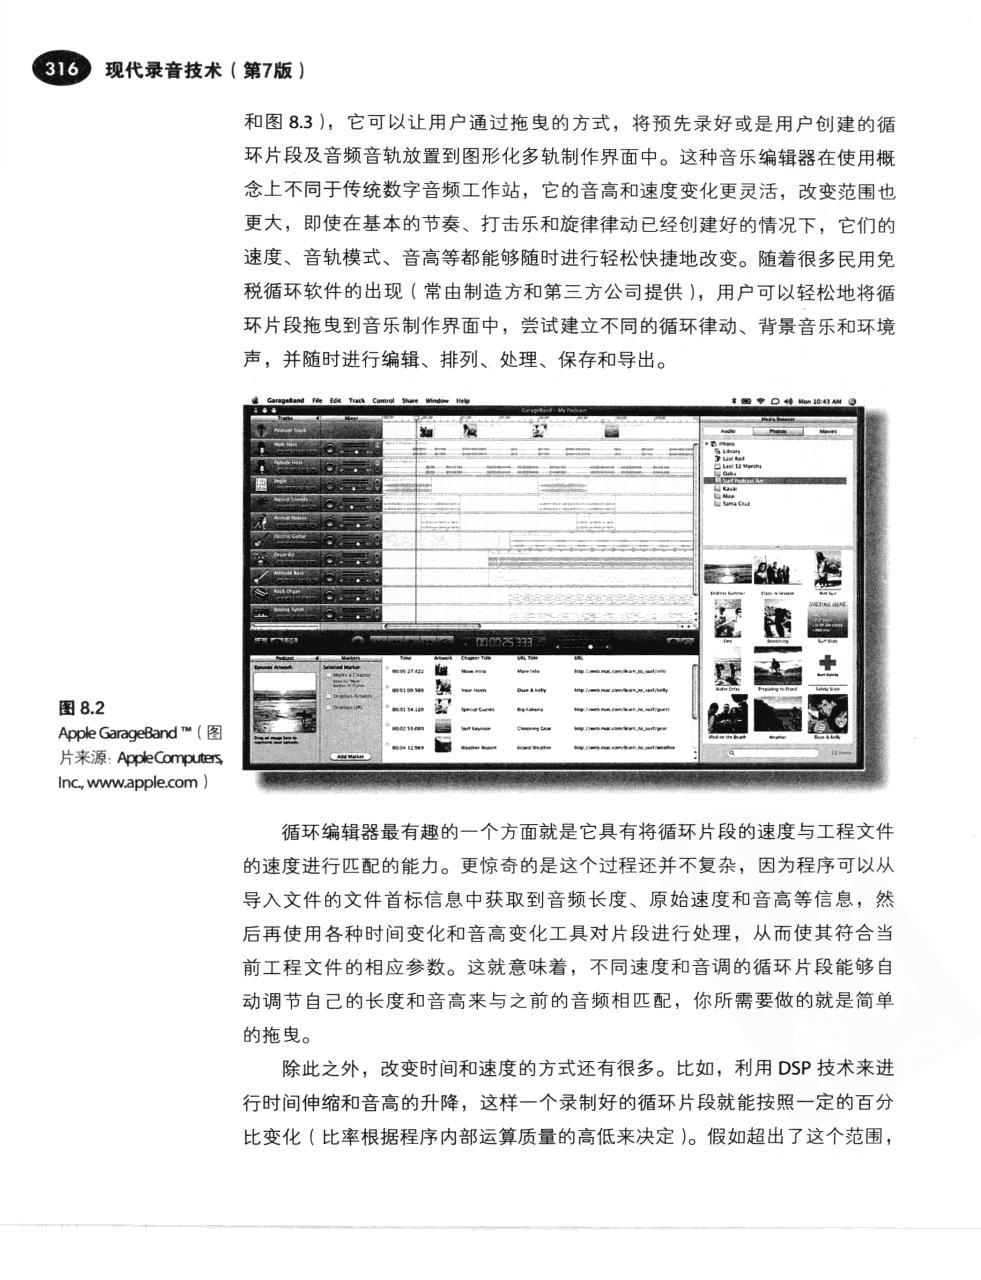 现代录音技术(第7版) 343